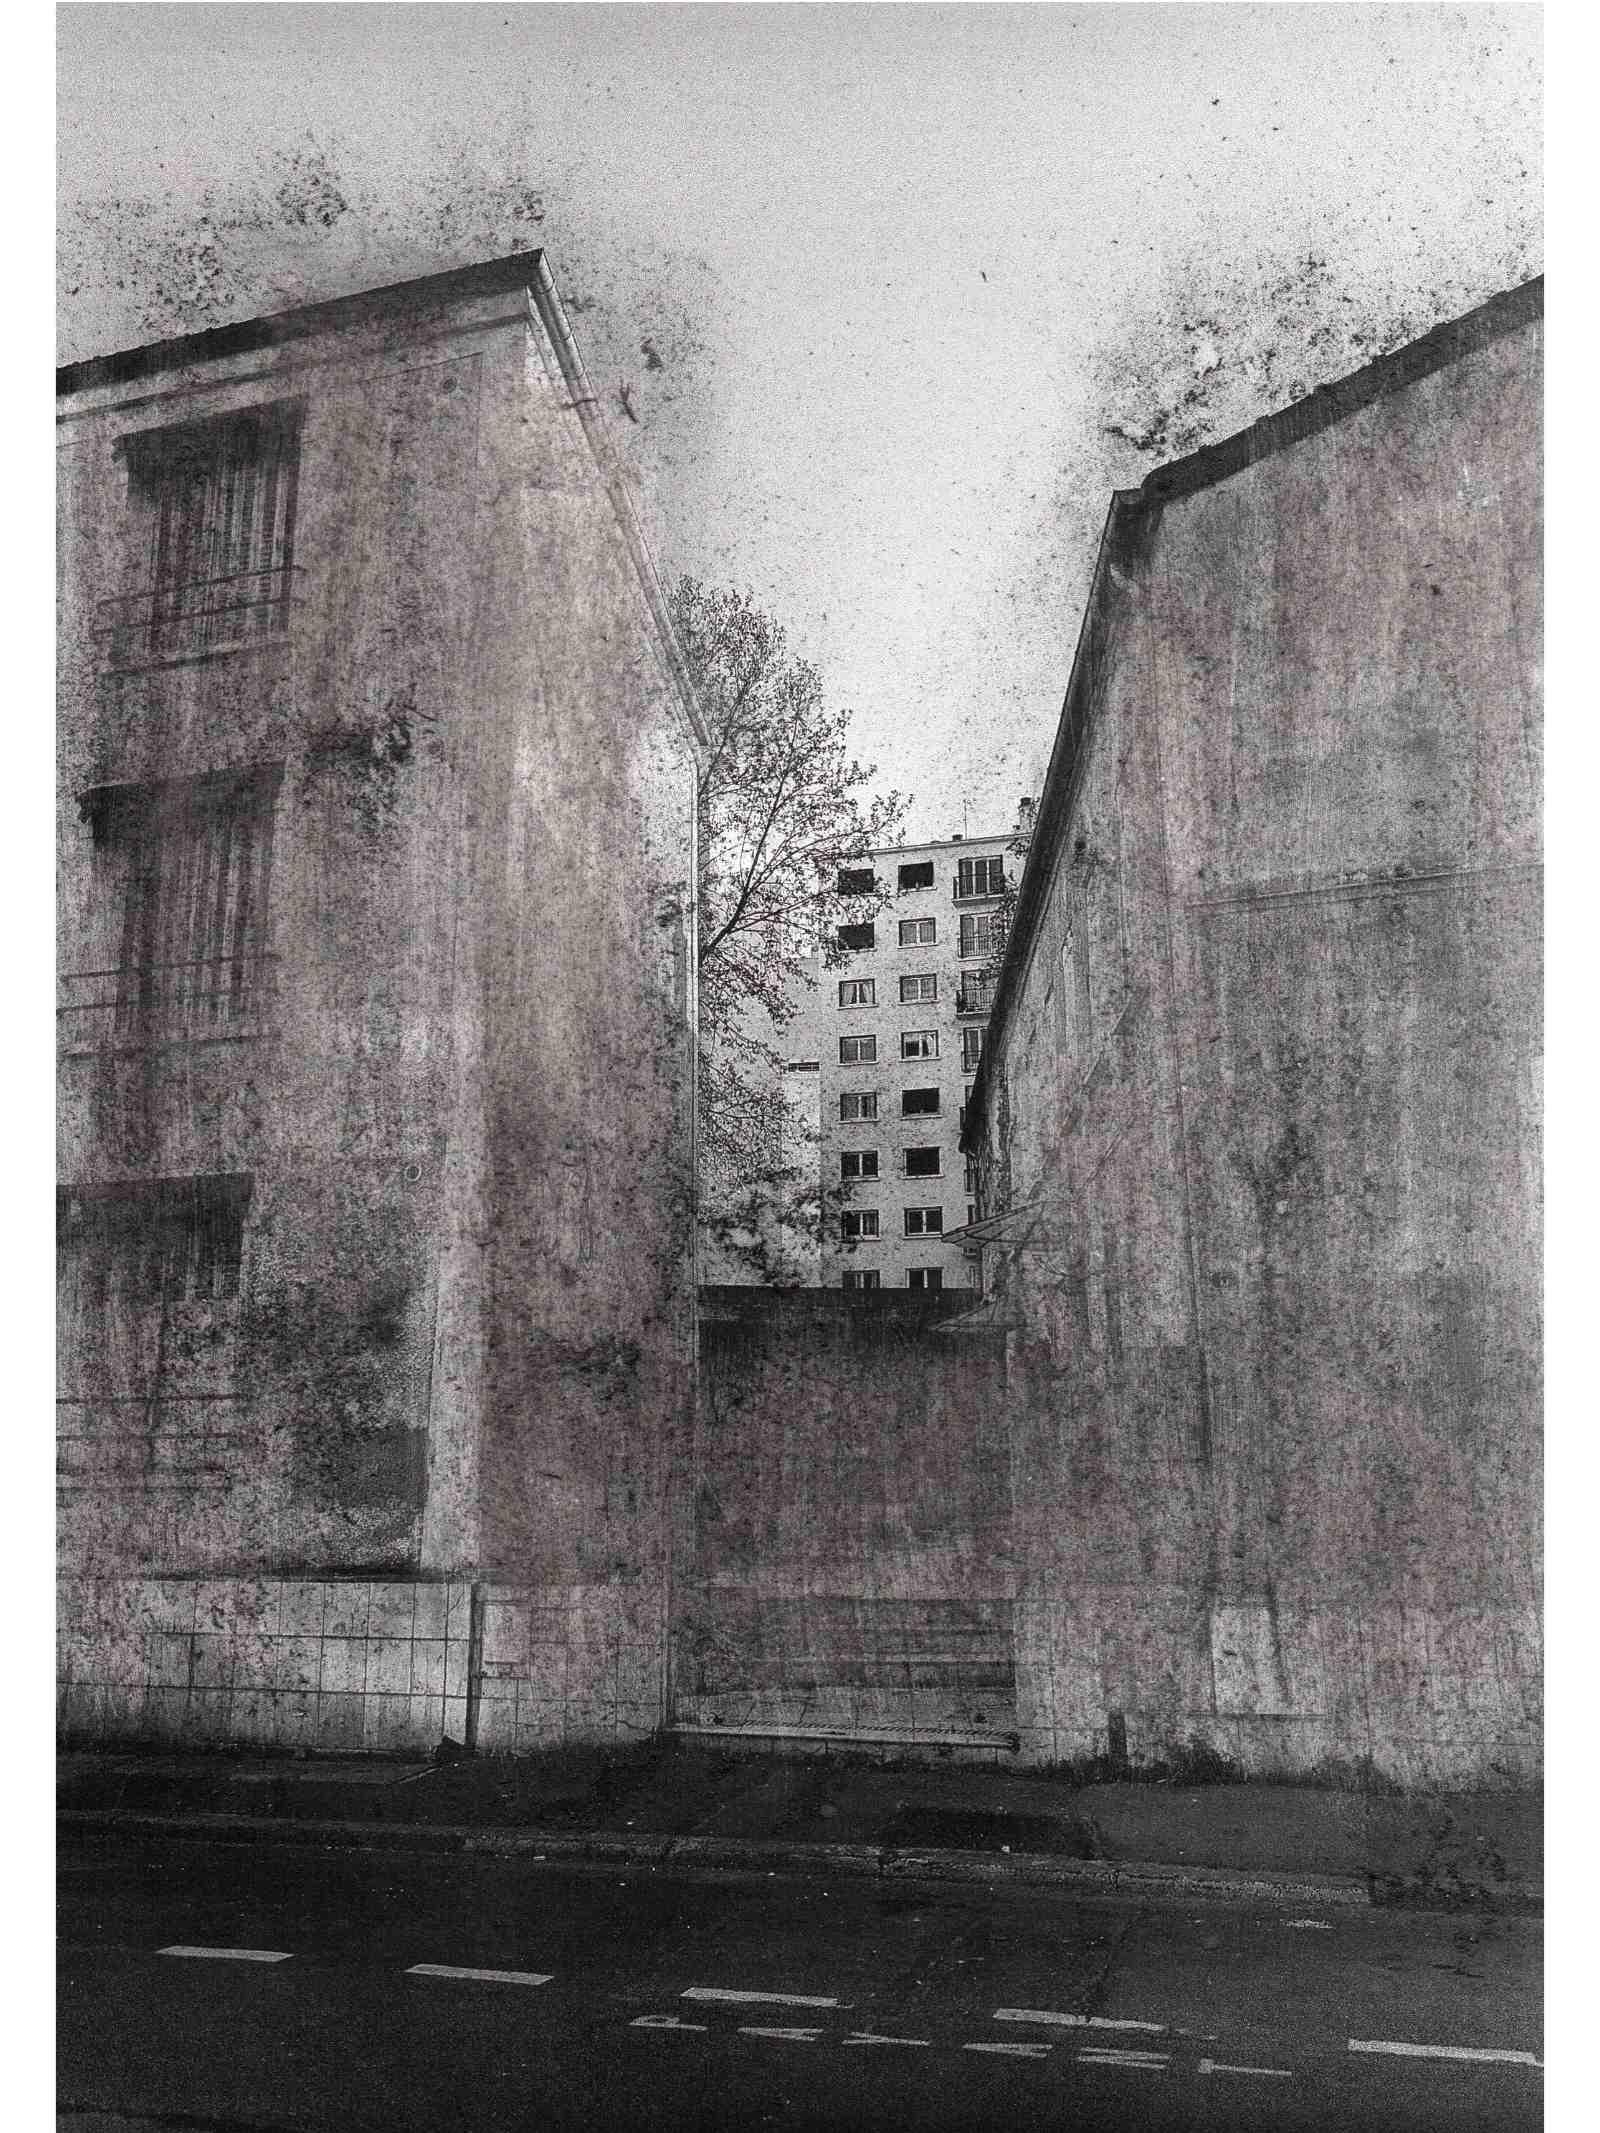 Marie Havel_Maisons Clous_A4_2021_n21_2